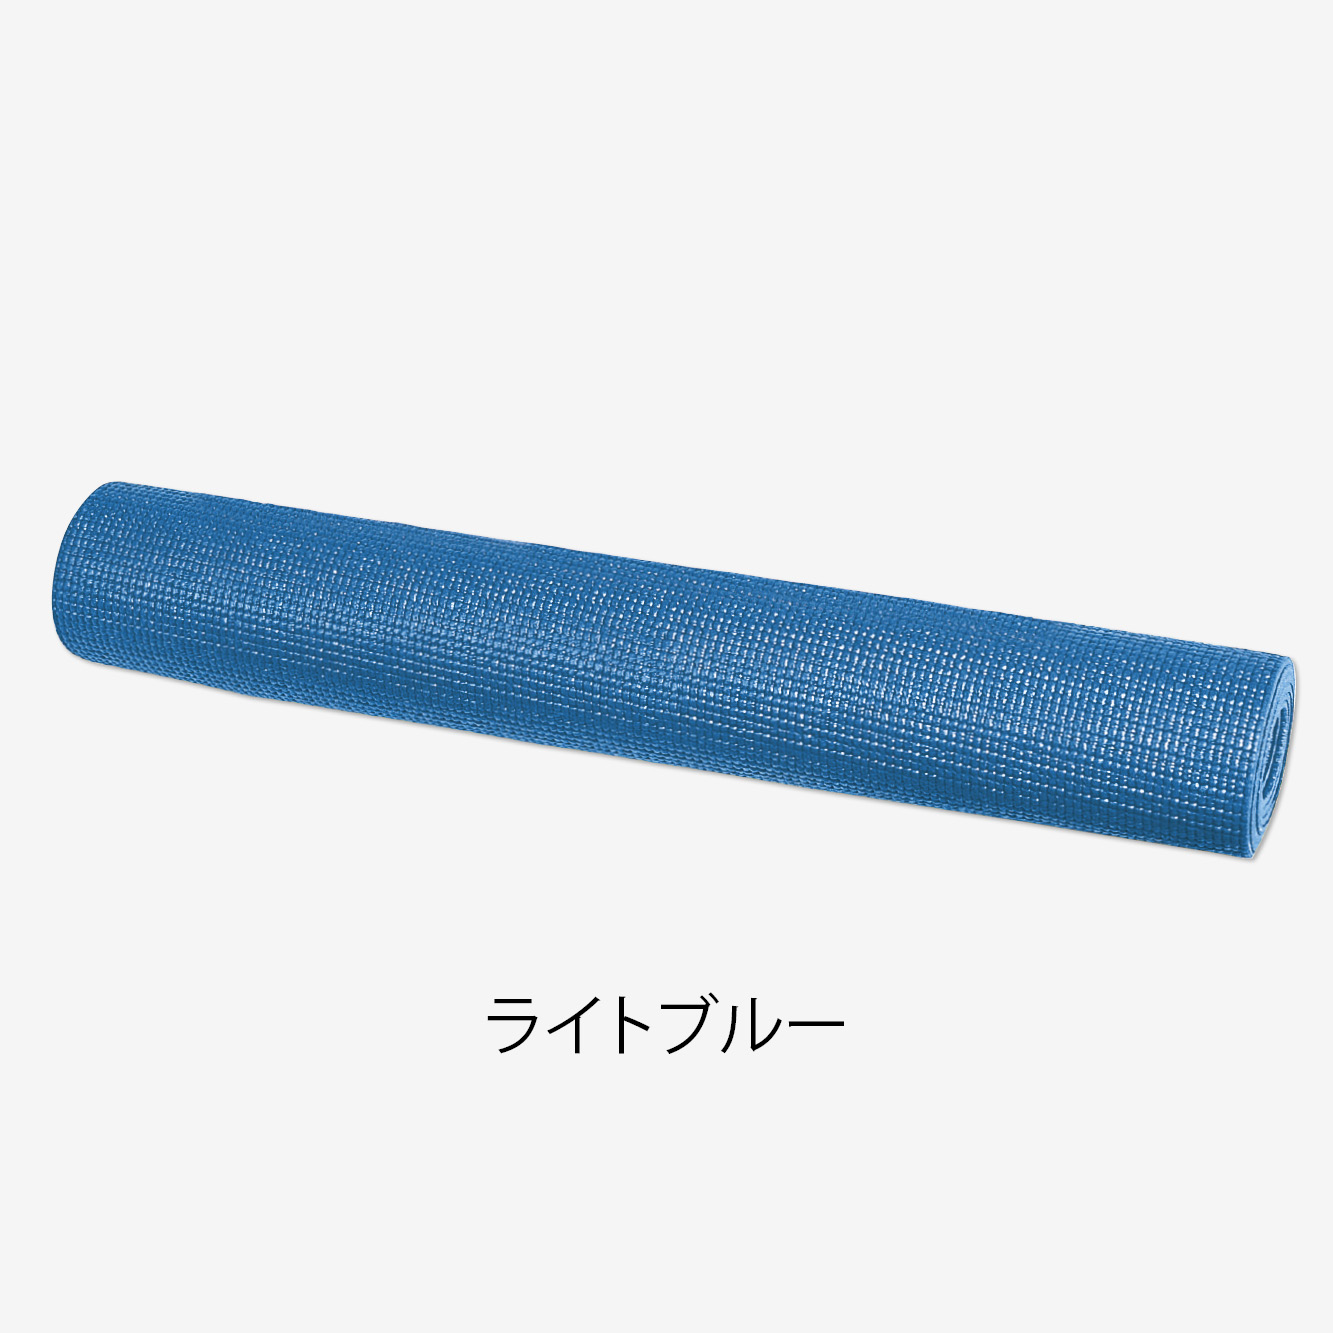 ヨガマット 厚み 4mm